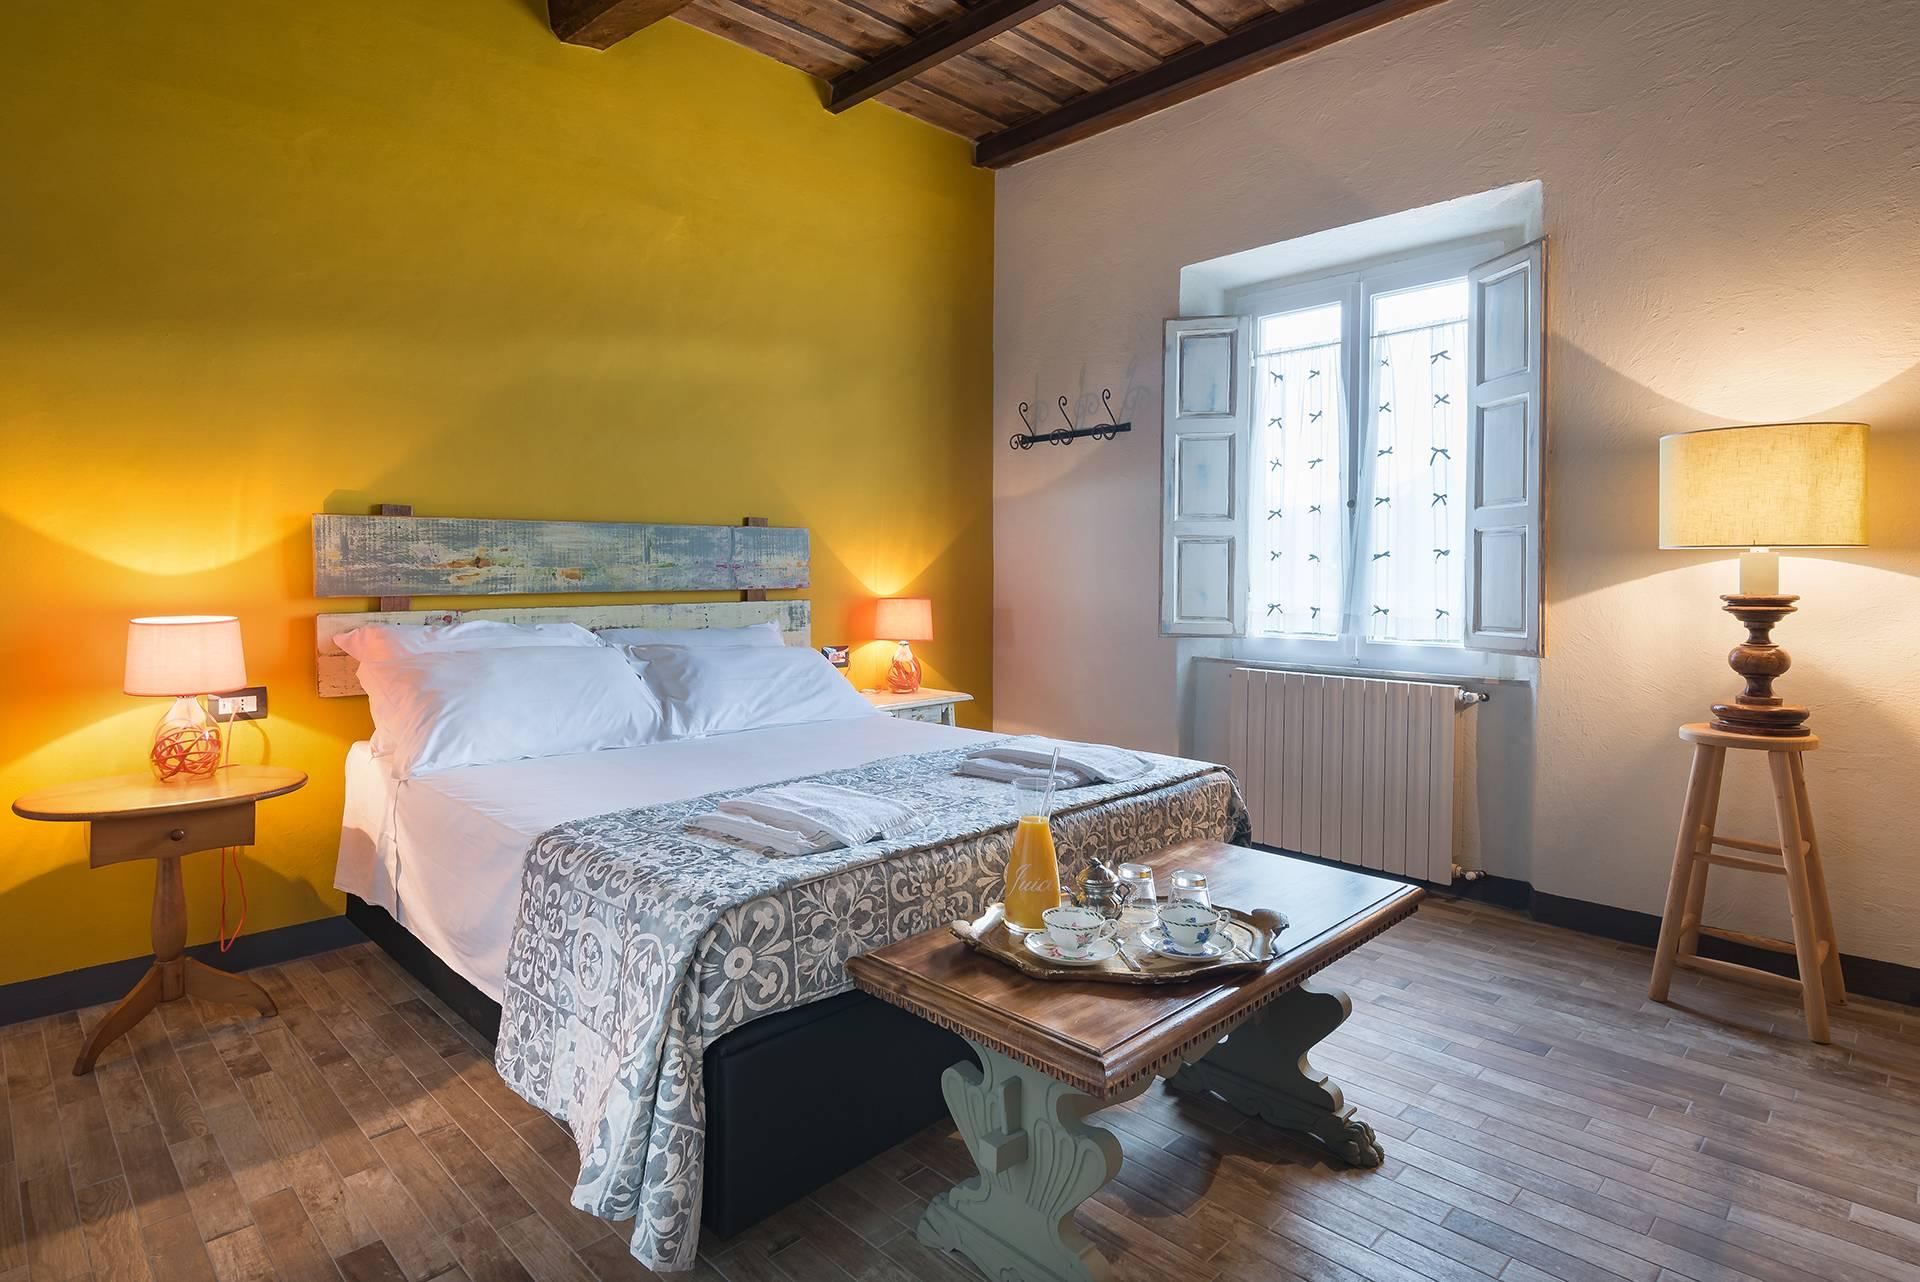 Camera Elba - Bed & Breakfast CivicoUno Campiglia